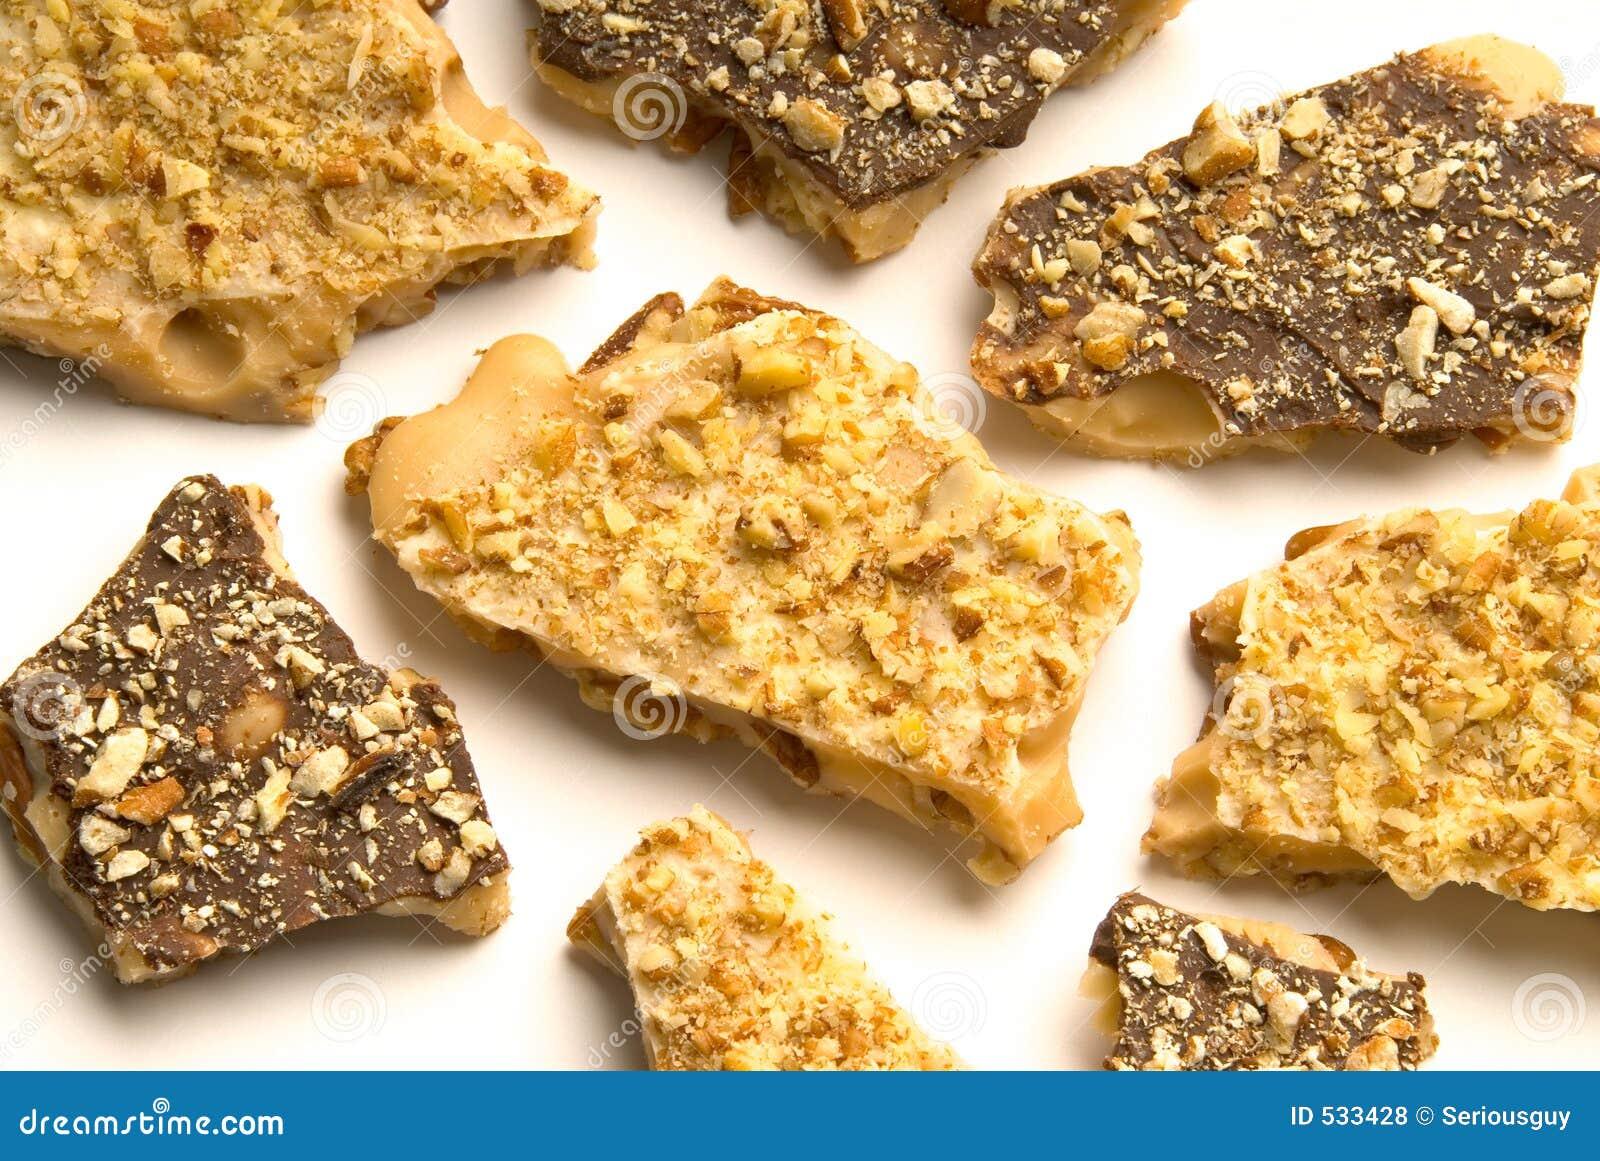 Download 巧克力黑暗的奶糖白色 库存照片. 图片 包括有 腰果, 核桃, 鲜美, 胡桃, 糖果, 巧克力, 糖浆, 混合药剂 - 533428